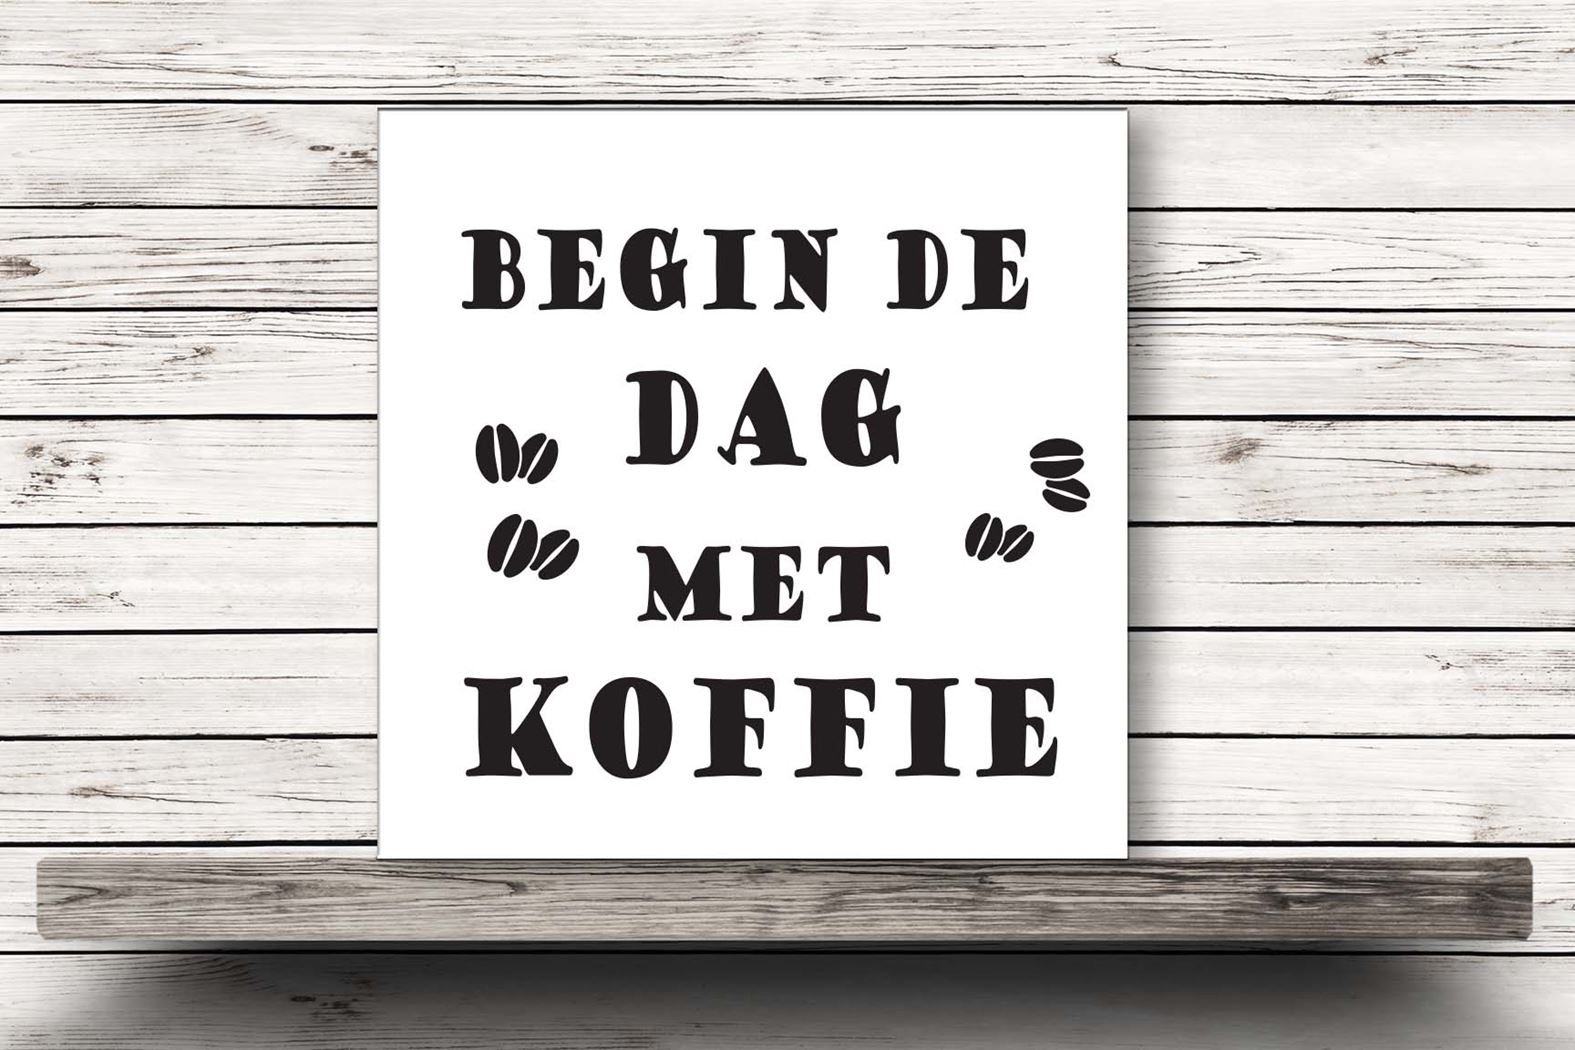 onderzetter wit - begin de dag met koffie